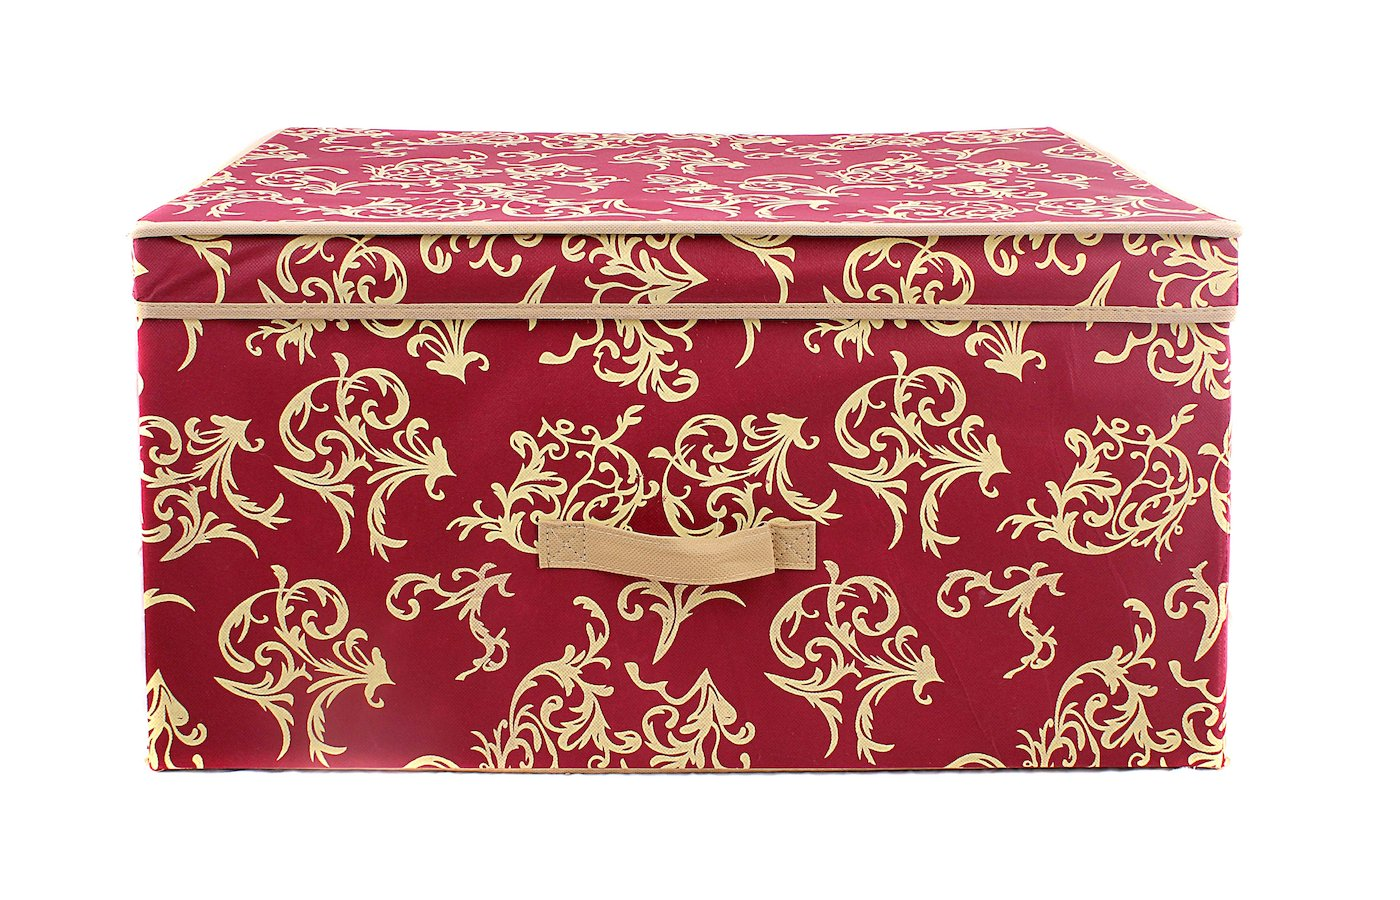 Емкости для хранения одежды GALANTE 457-041 Кофр жесткий 60х40х30см